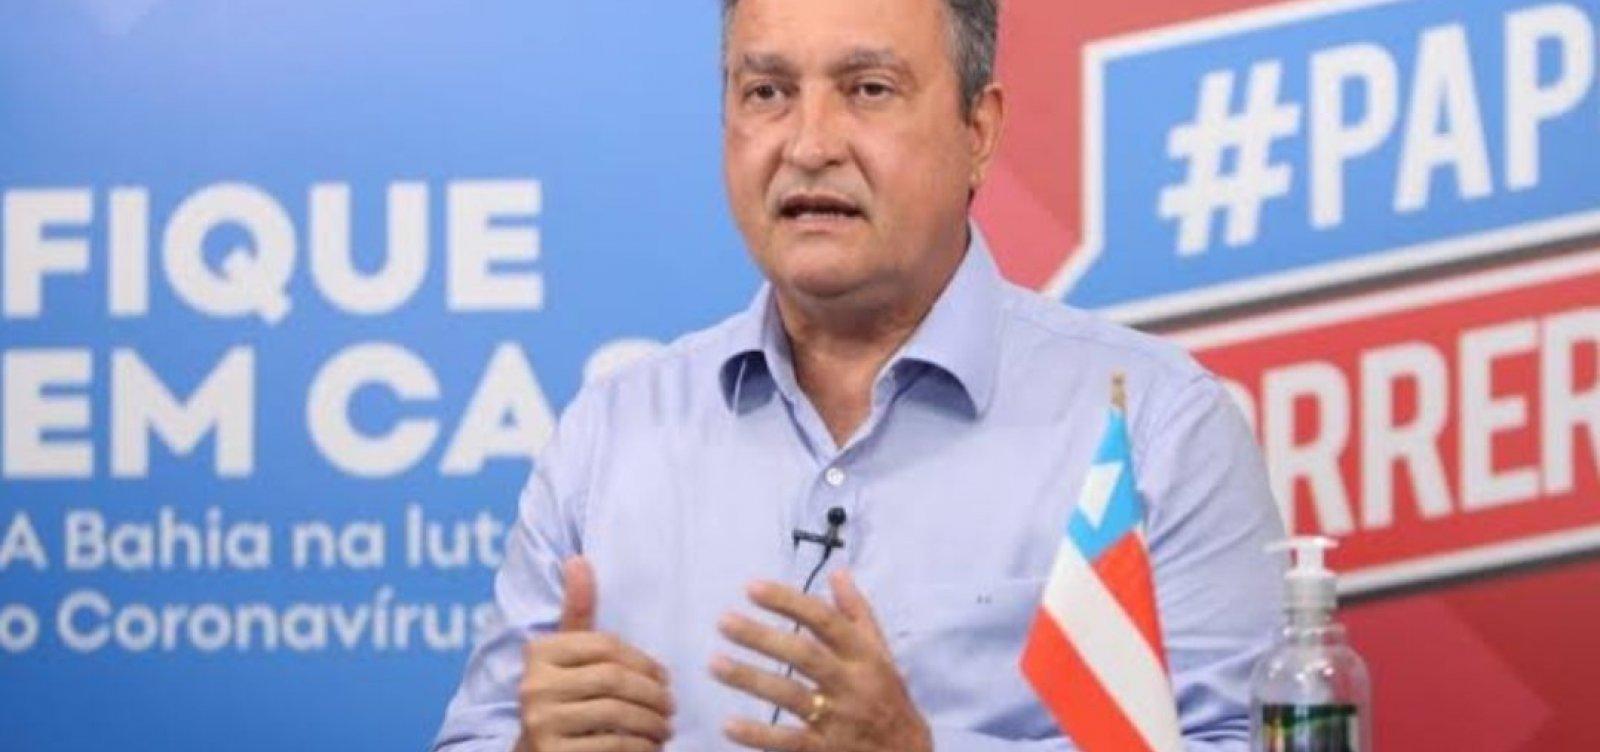 Rui Costa vai a Brasília buscar investimentos para a Bahia após saída da Ford de Camaçari